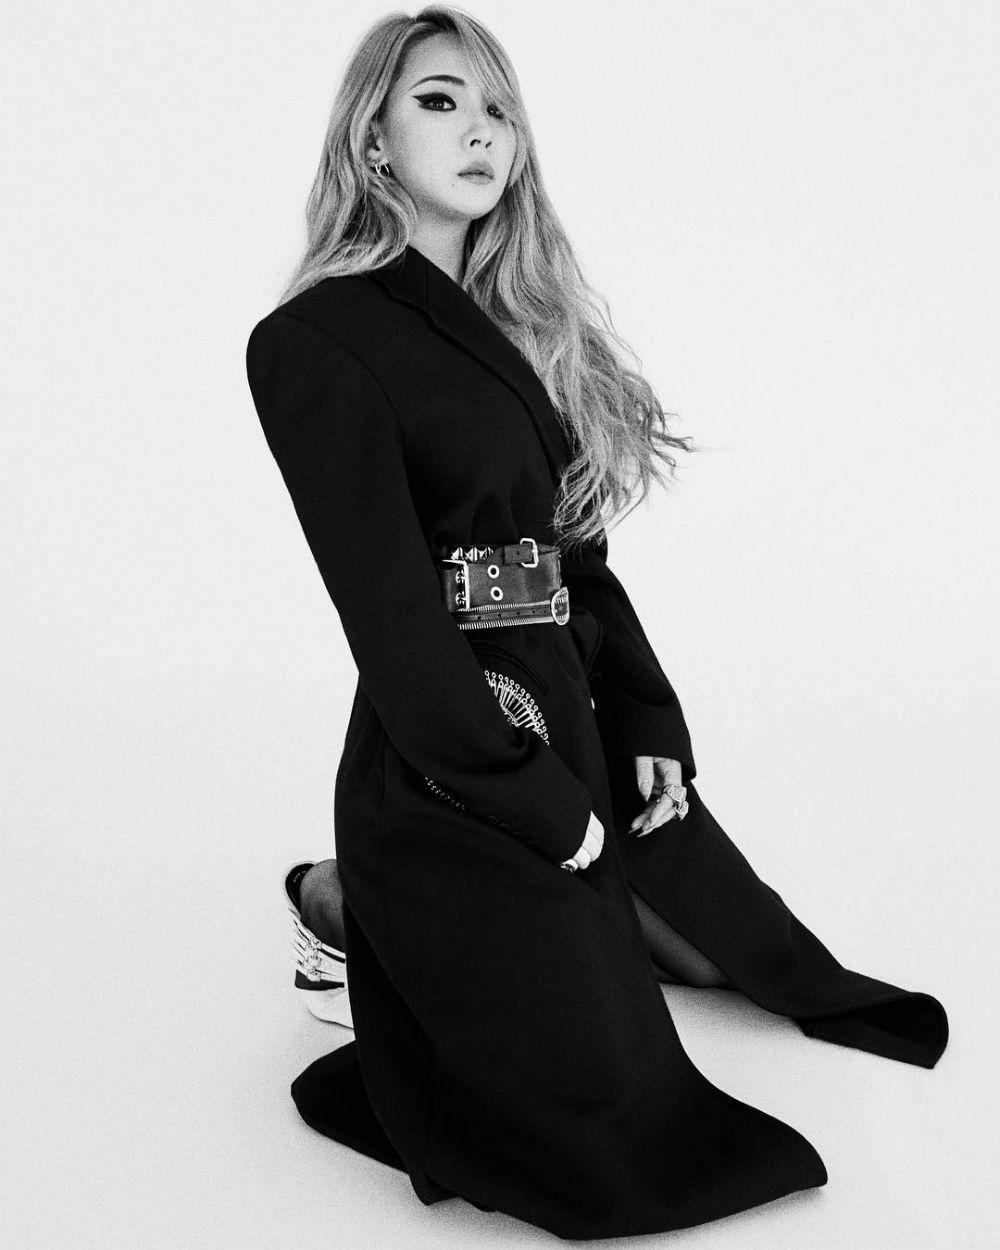 투애니원(2NE1) 출신 씨엘(CL), 화보 사진으로 근황 전해…''도대체 컴백은 언제?''